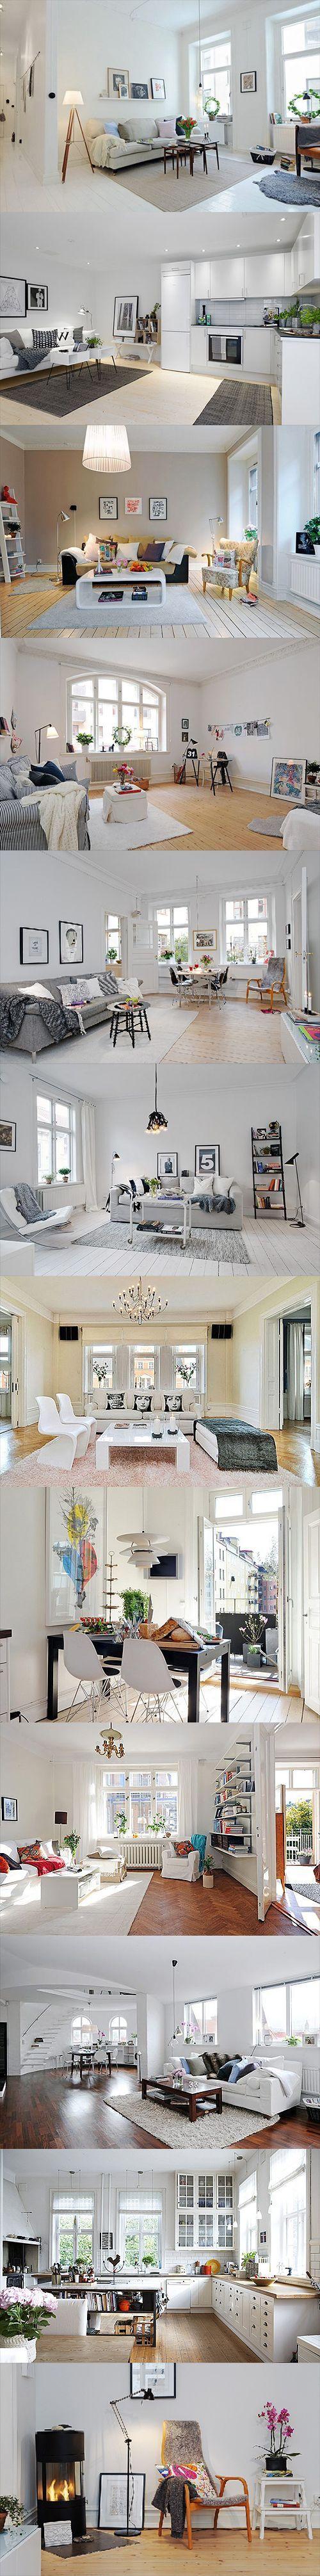 Dużo fajnych rzeczy. Lampa na pierwszym zdjęciu, kolor ścian i podłogi na trzecim, kanapa na piątym i szóstym. Kremowe ściany i drewniana podłoga (kolor, nie parkiet) na dziewiątym. Drewniana podłoga w białej kuchni z drewnianym blatem na przedostatnim. Koza na ostatnim.